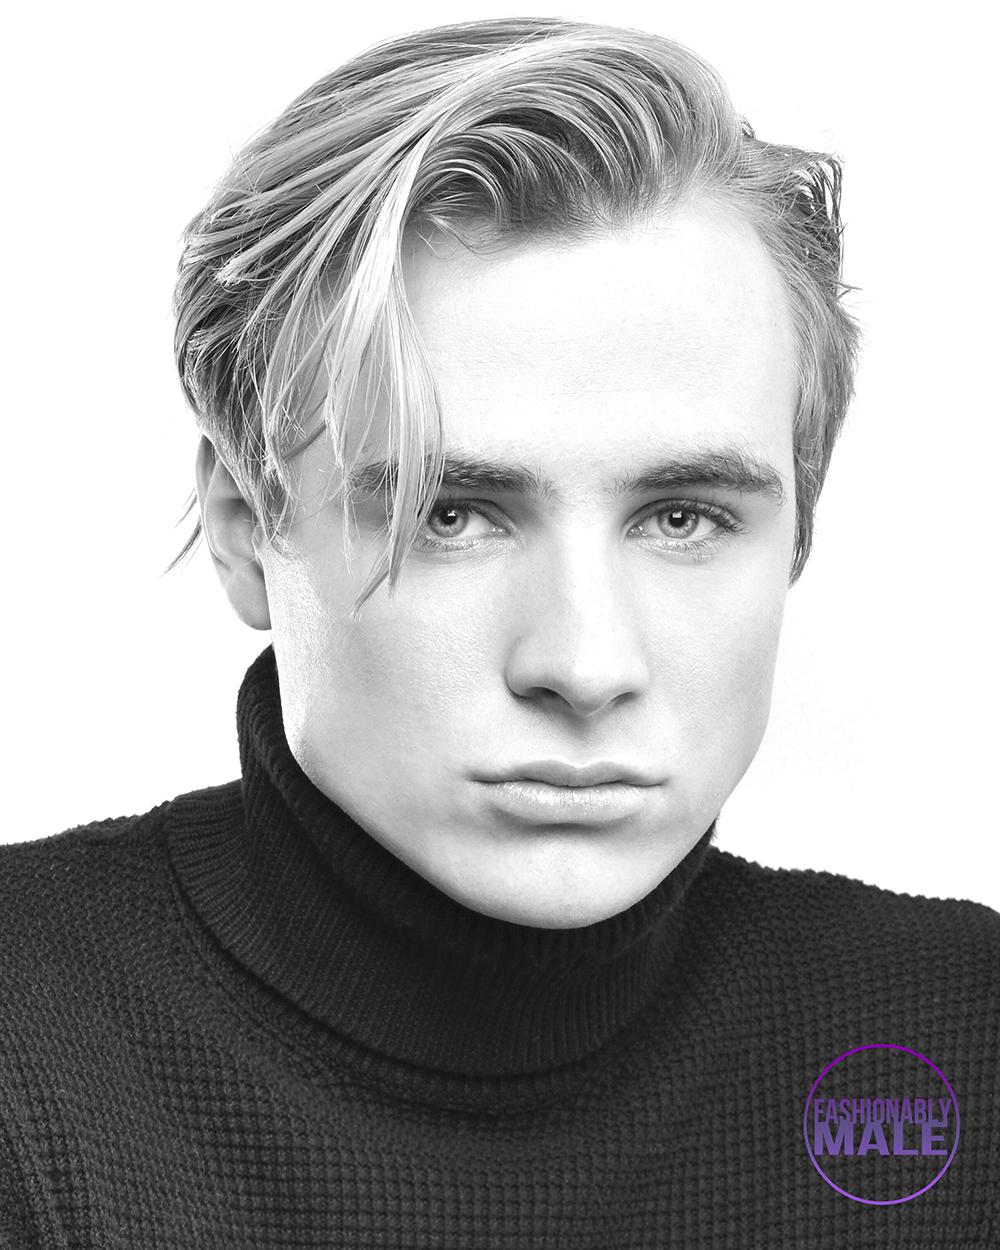 FashionablyMale ALEX CARRABRE (18)